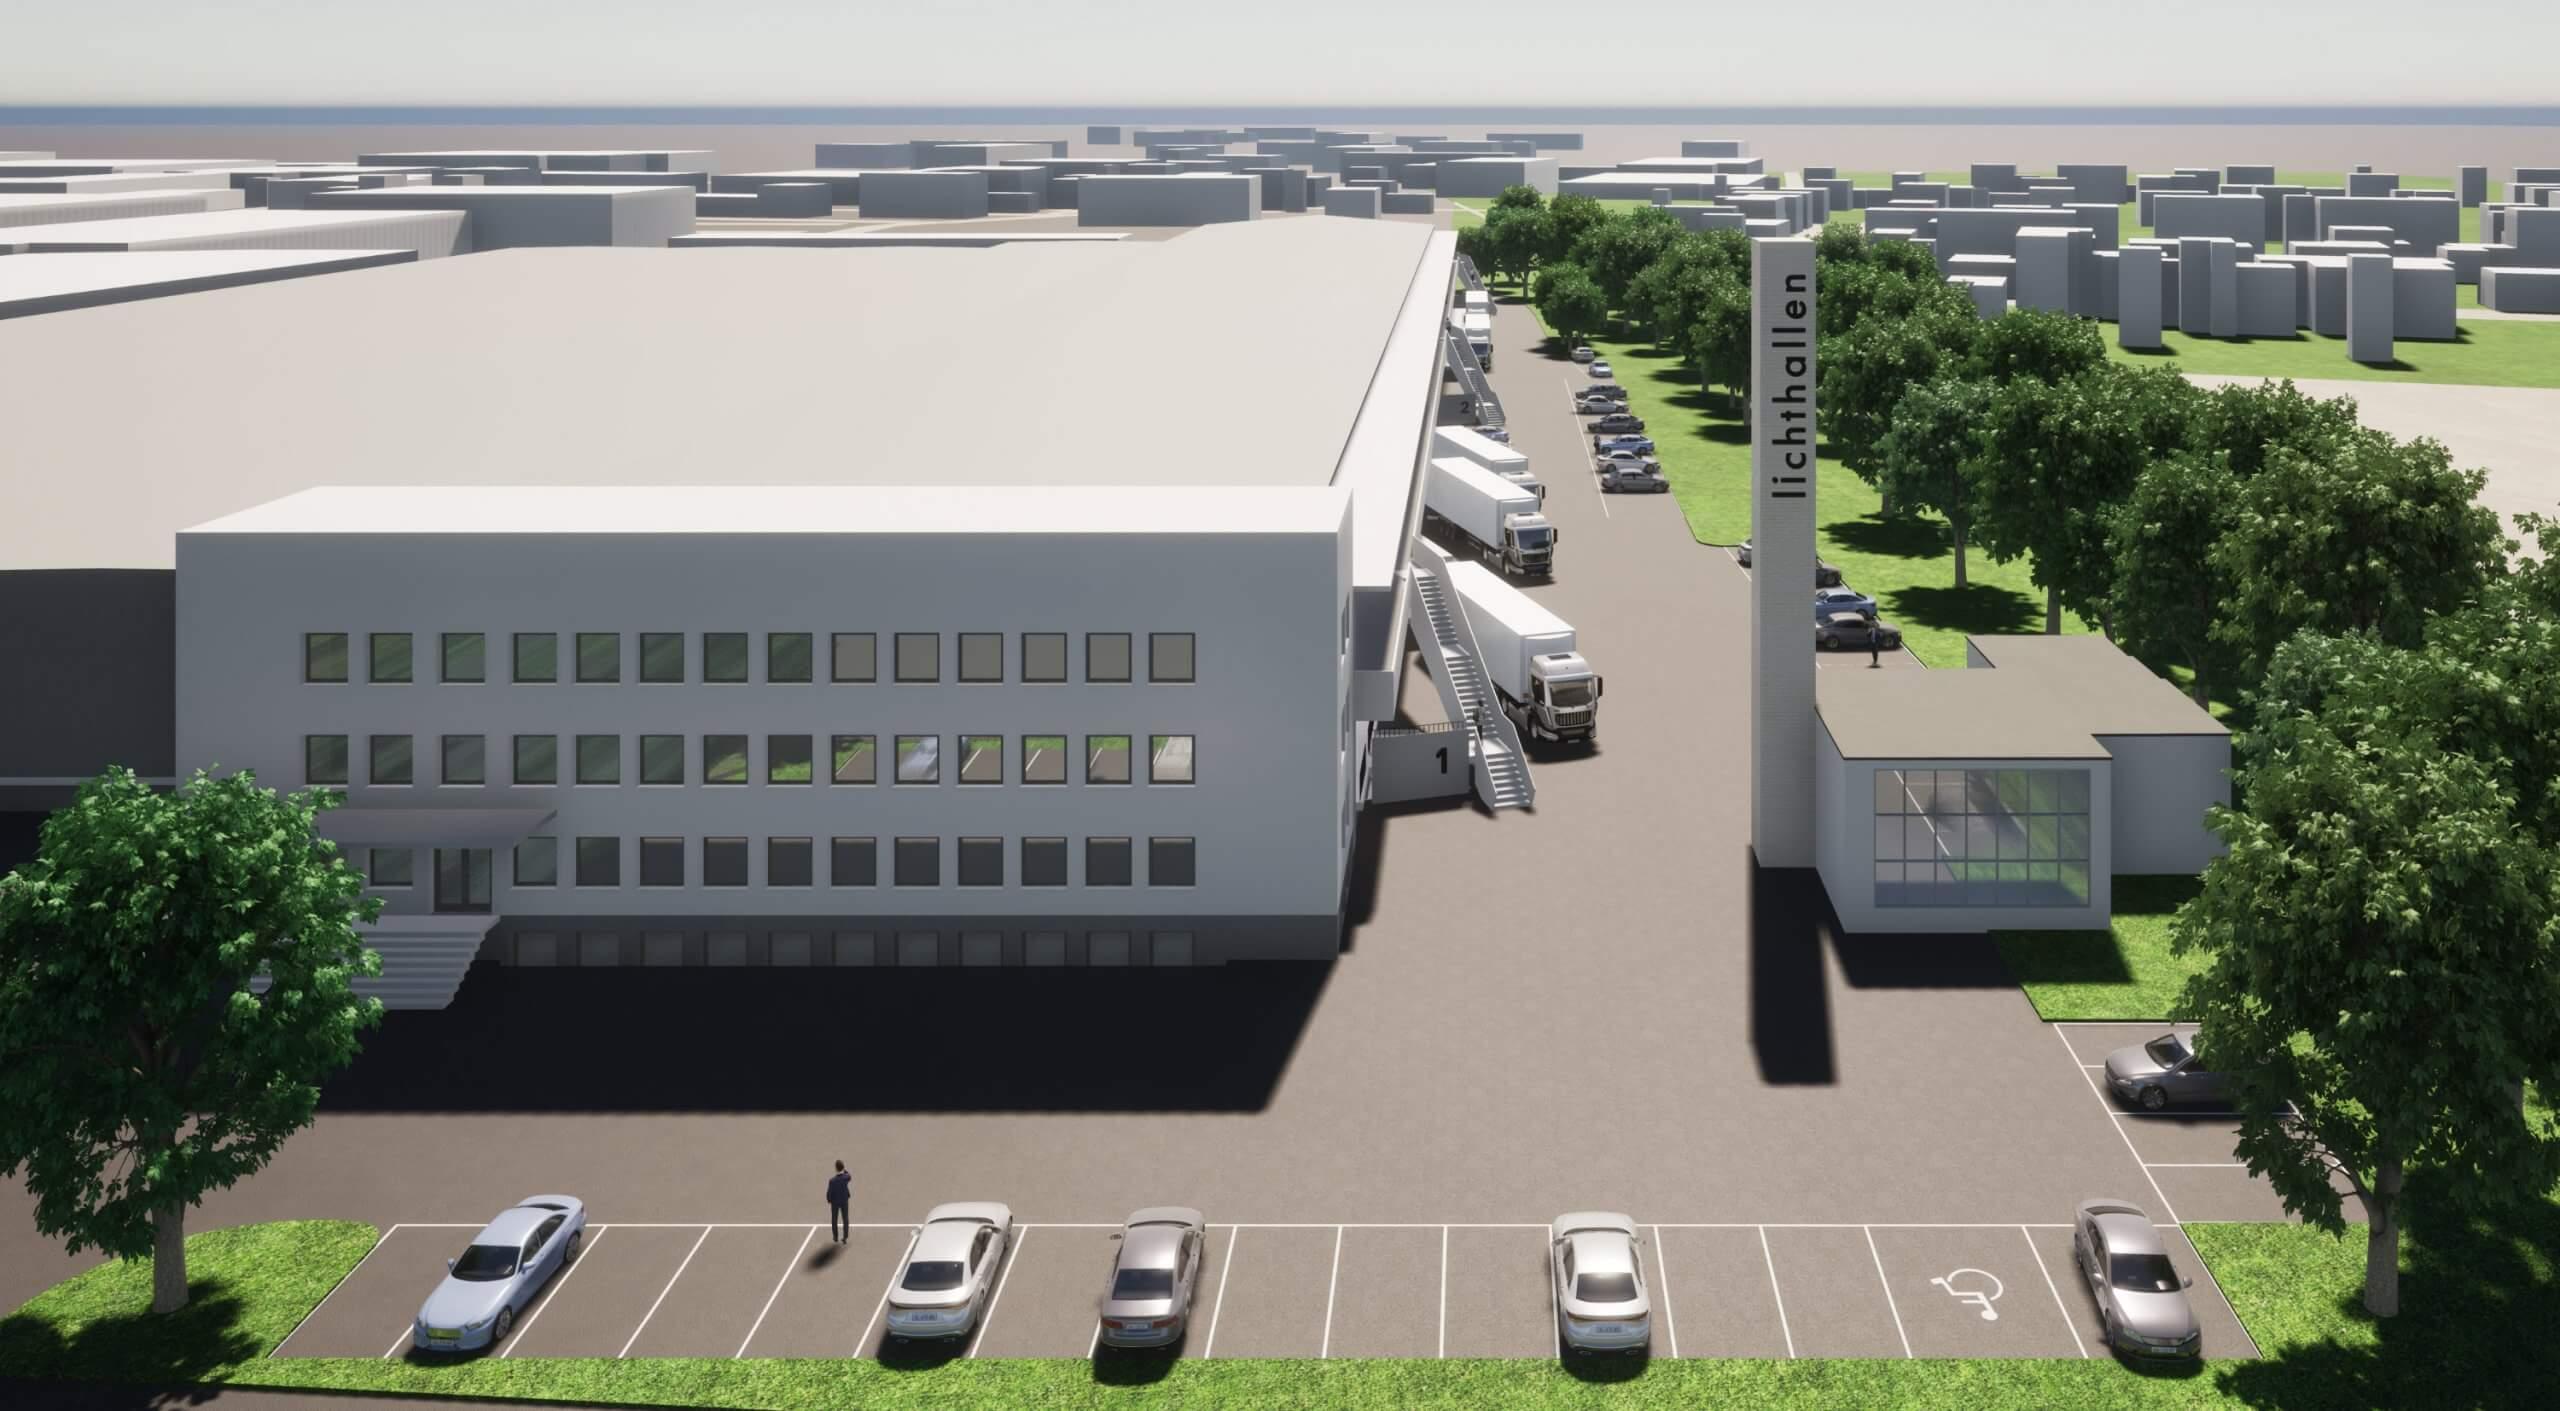 Neugestaltung Erschließung Gewerbepark_BEOS_Haupteingang